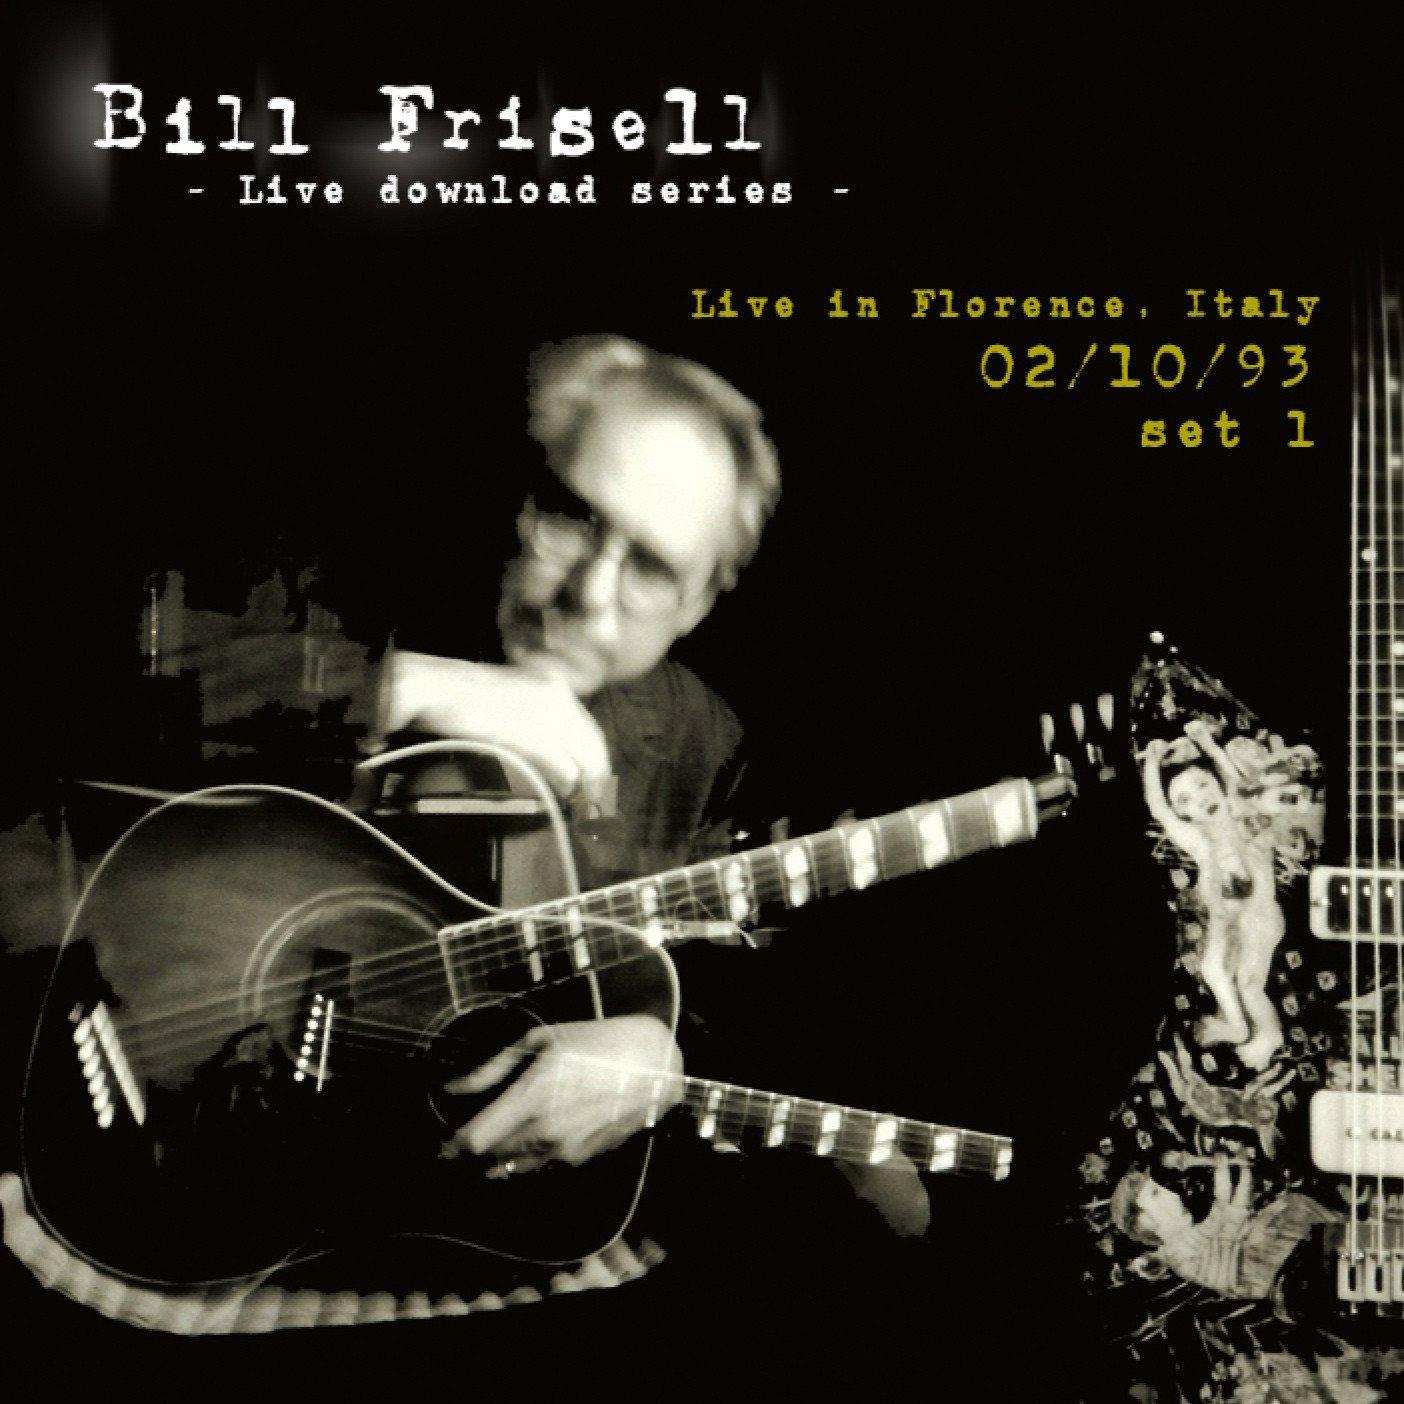 bf-016-cover-cd1.jpg